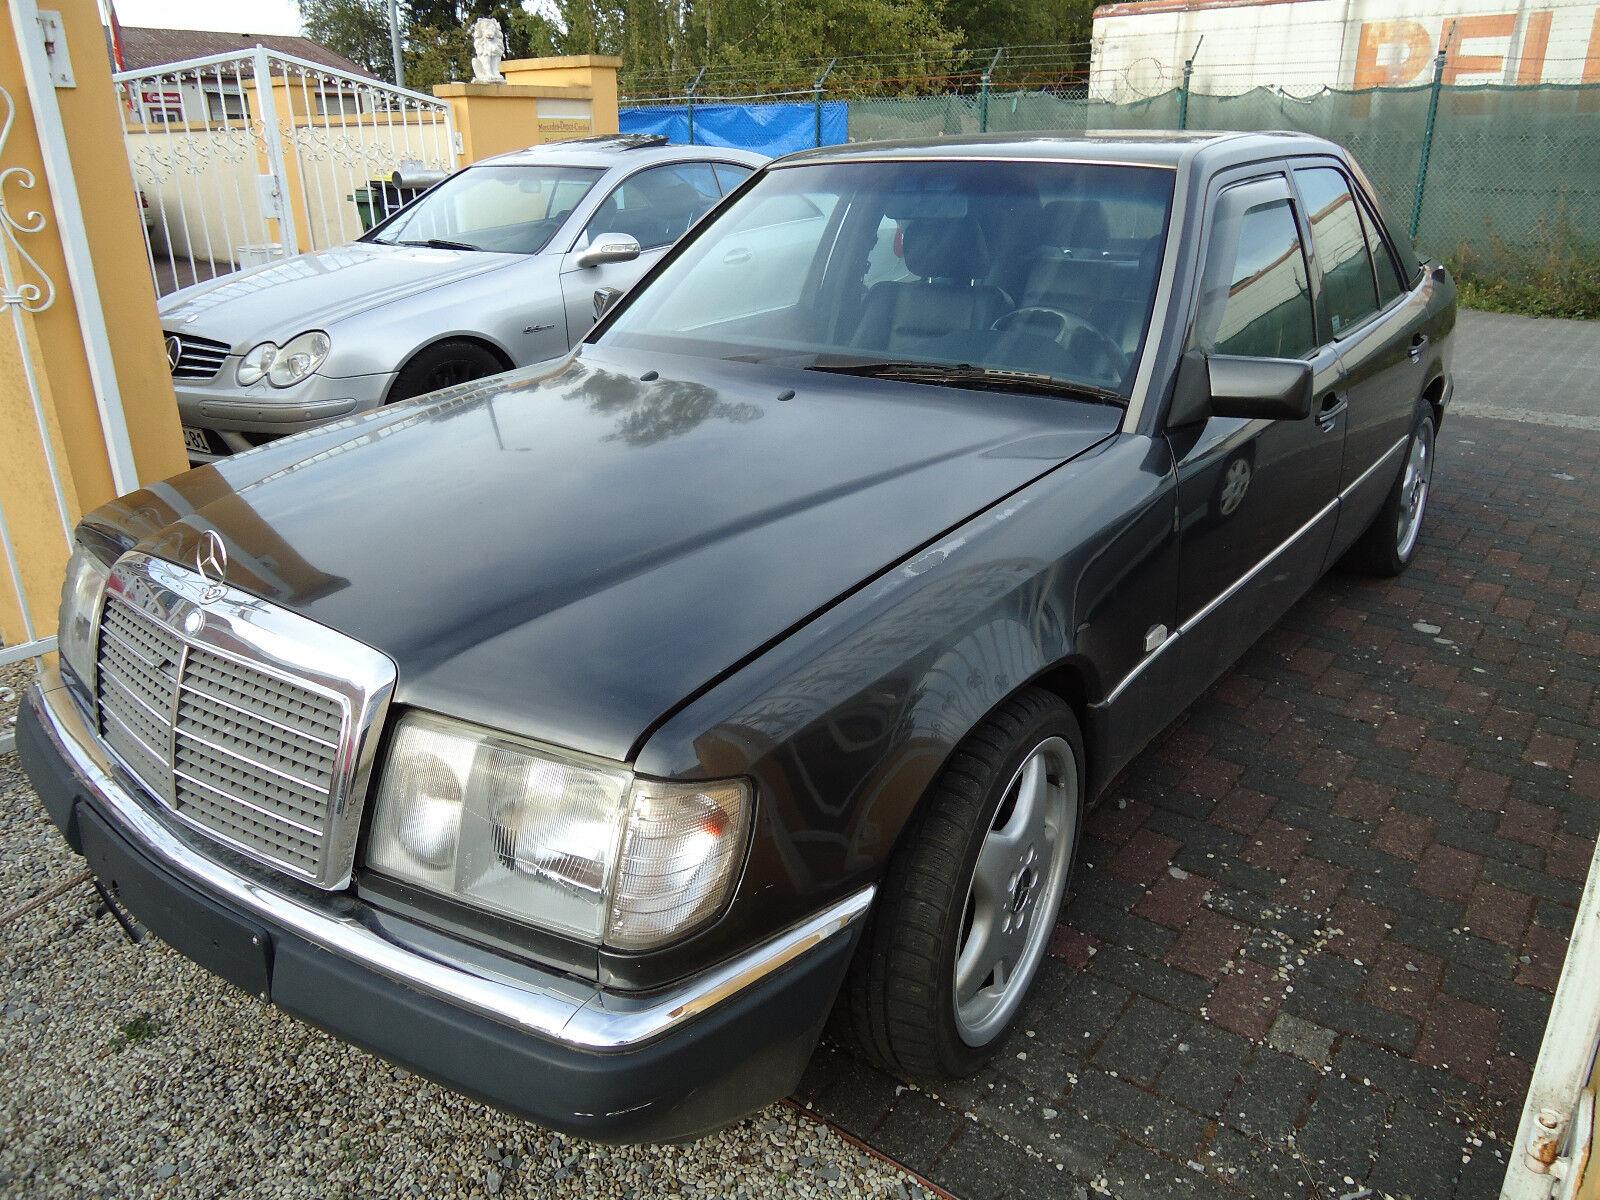 Mercedes Benz 300 E W124 schwarz Bj. 3/92 mit Klimaanlage TÜV: fällig